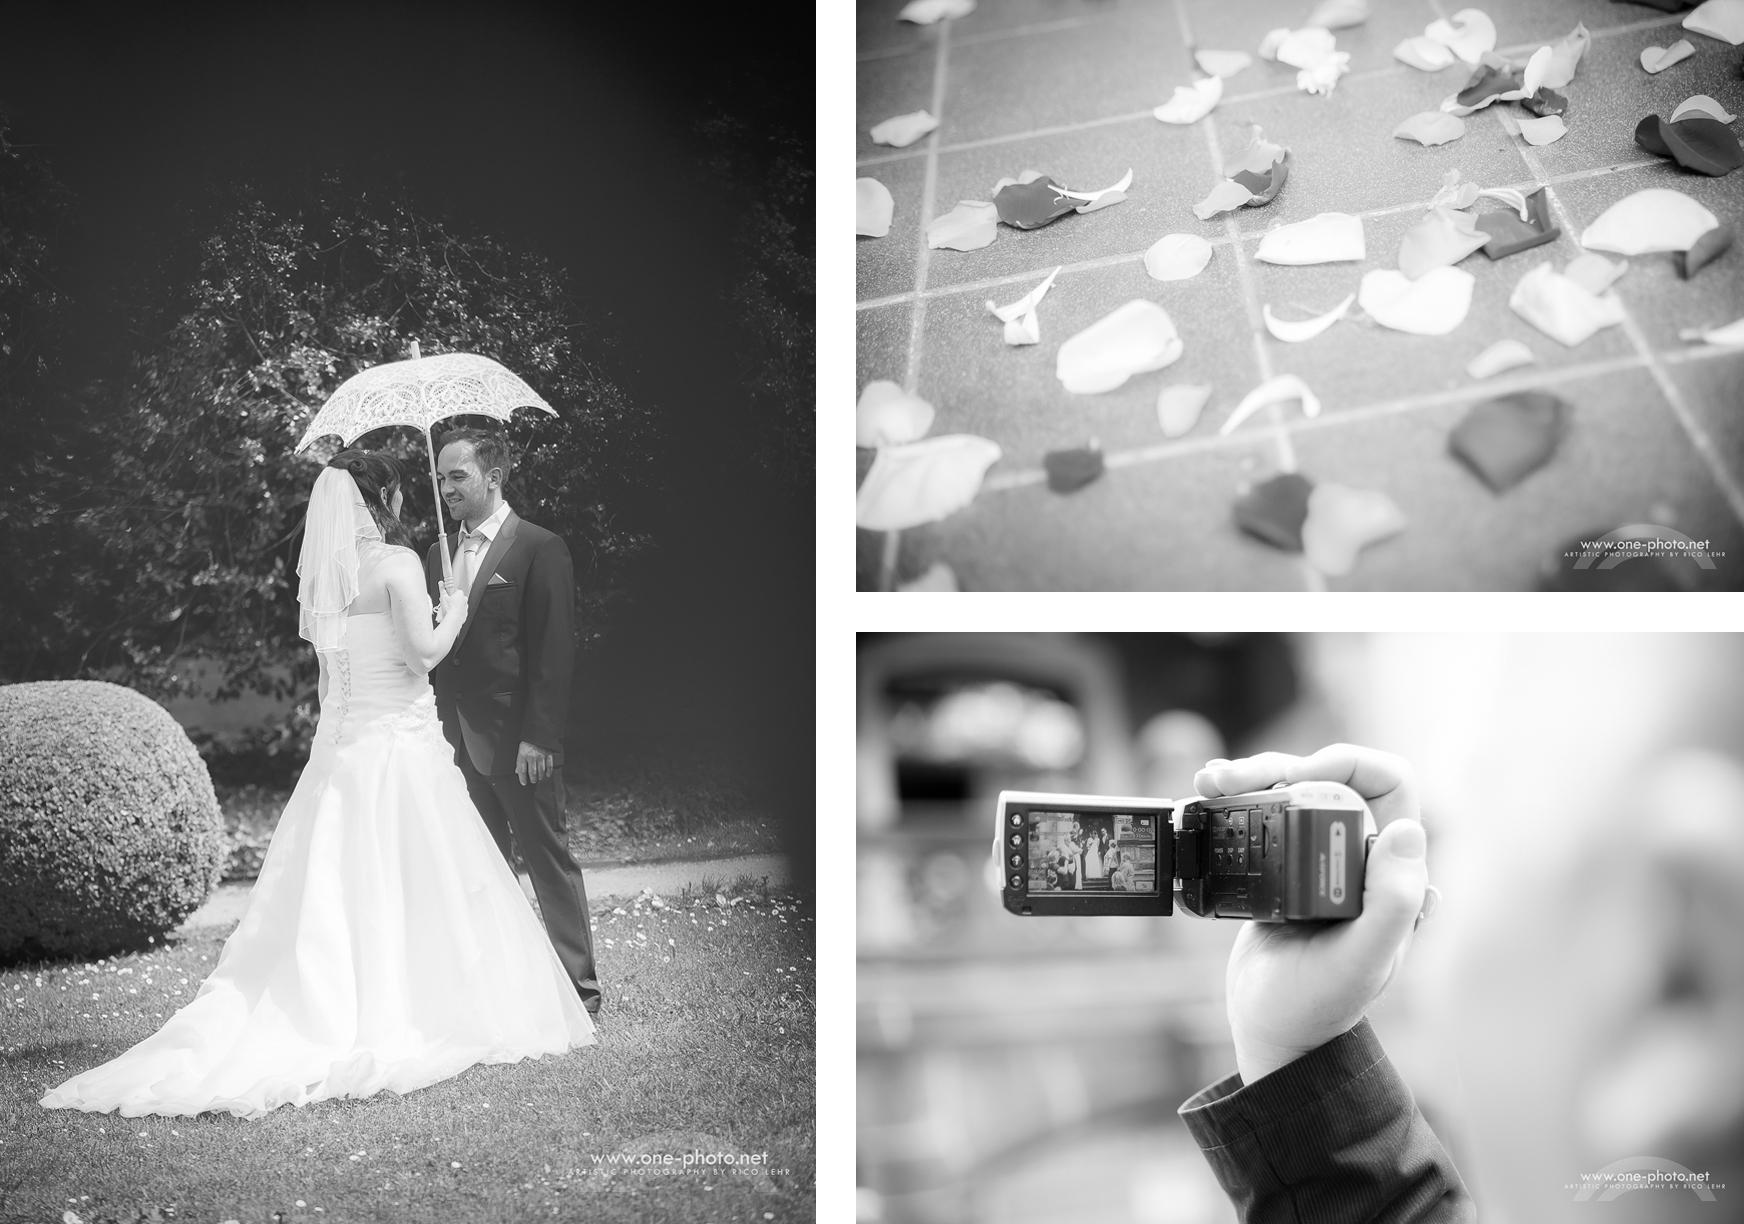 1-Hochzeit-Fotograf-Pirna-Dresden-Standesamt-Schillergarten-Rico-Lehr-one-photo-52-von-94-Rico Lehr-www.one-photo